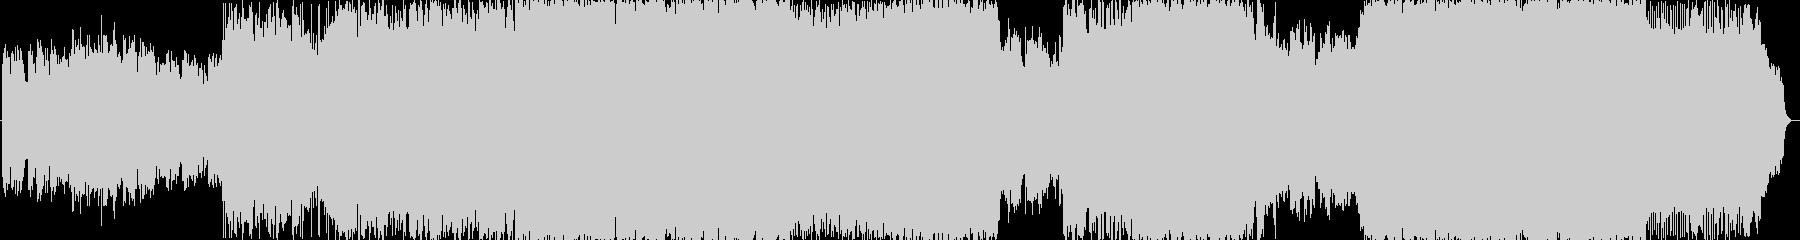 重いロックバラードの未再生の波形